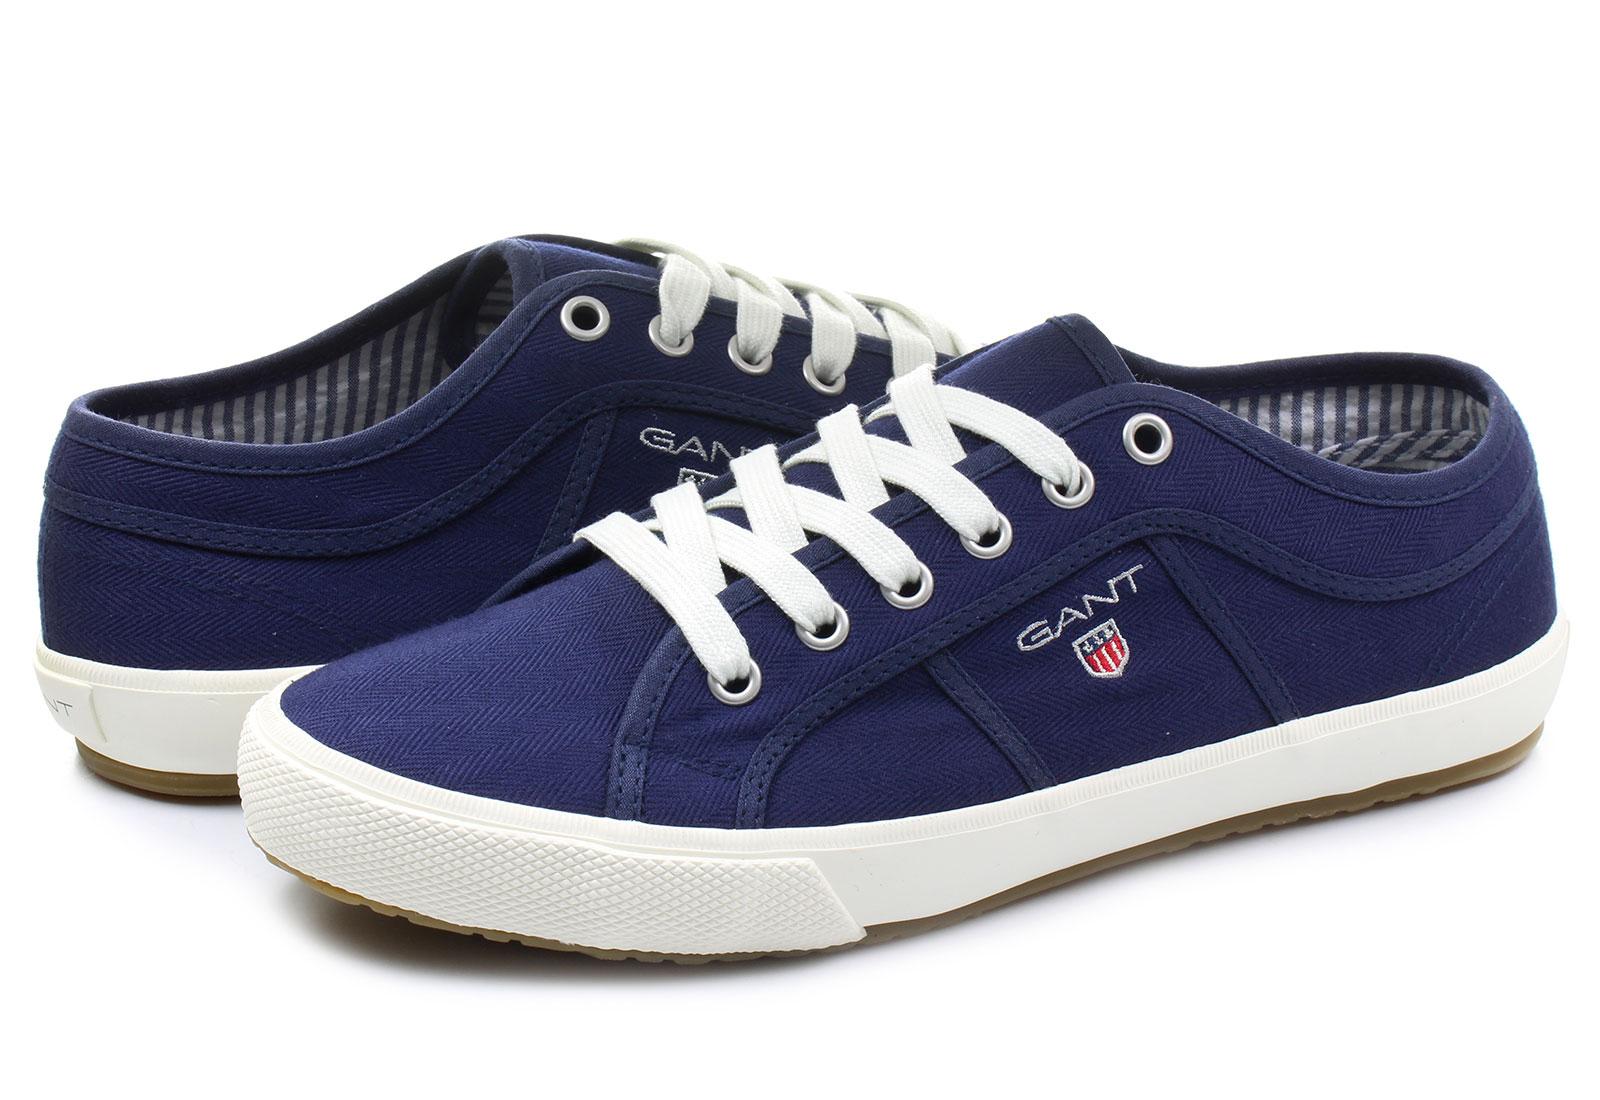 Gant Shoes Samuel 12638078 G65 Online Shop For